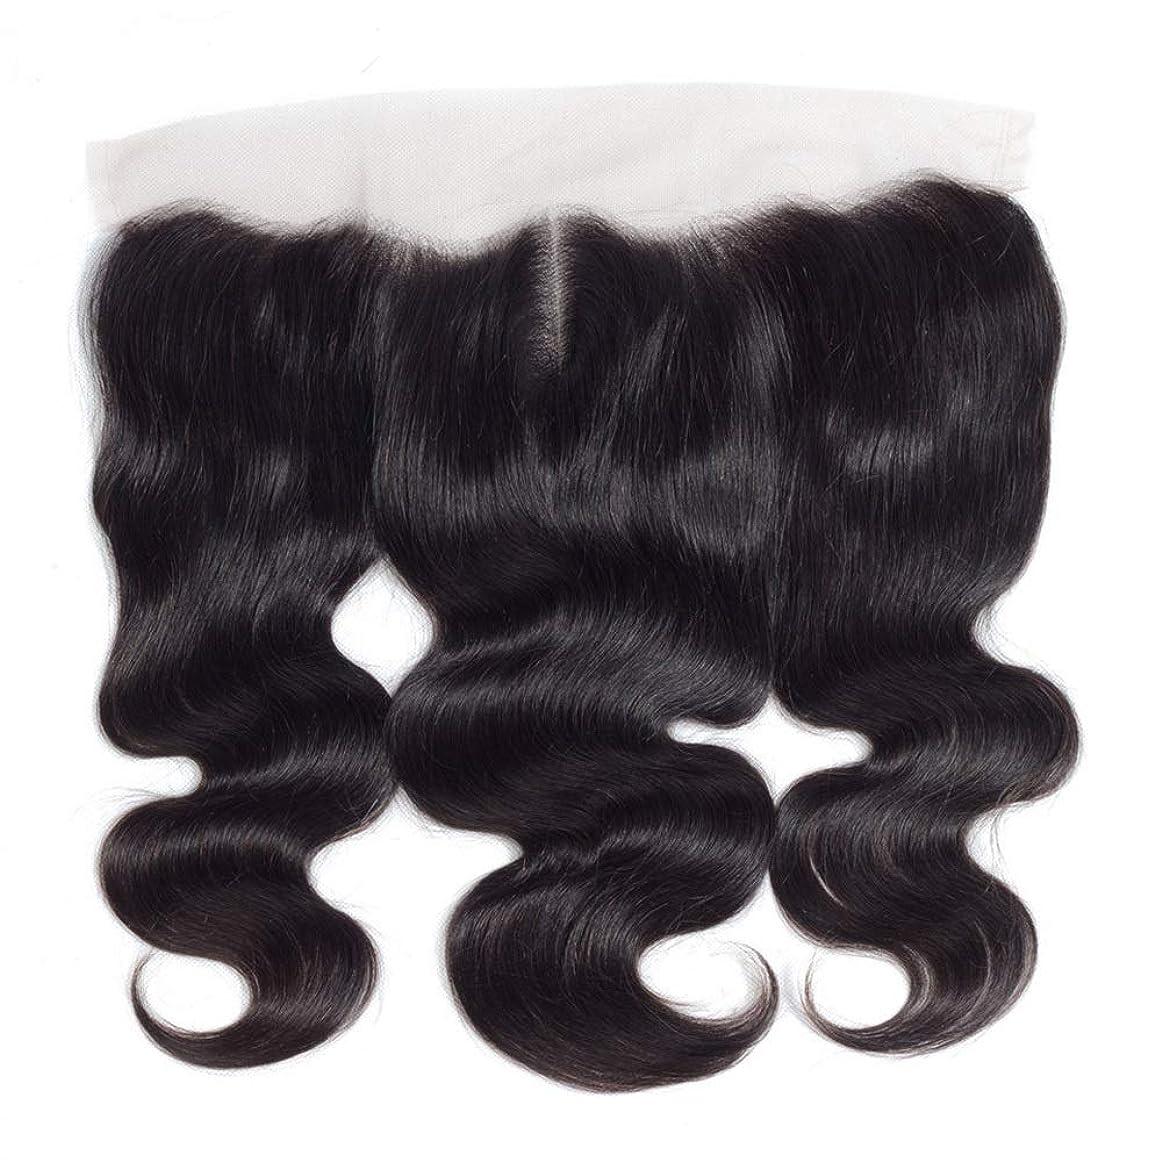 火すすり泣き恩恵BOBIDYEE 13 * 4レース前頭閉鎖人間の髪の毛の部分 - ブラジル実体波トップミドル別れ長い巻き毛のかつら (色 : 黒, サイズ : 18 inch)